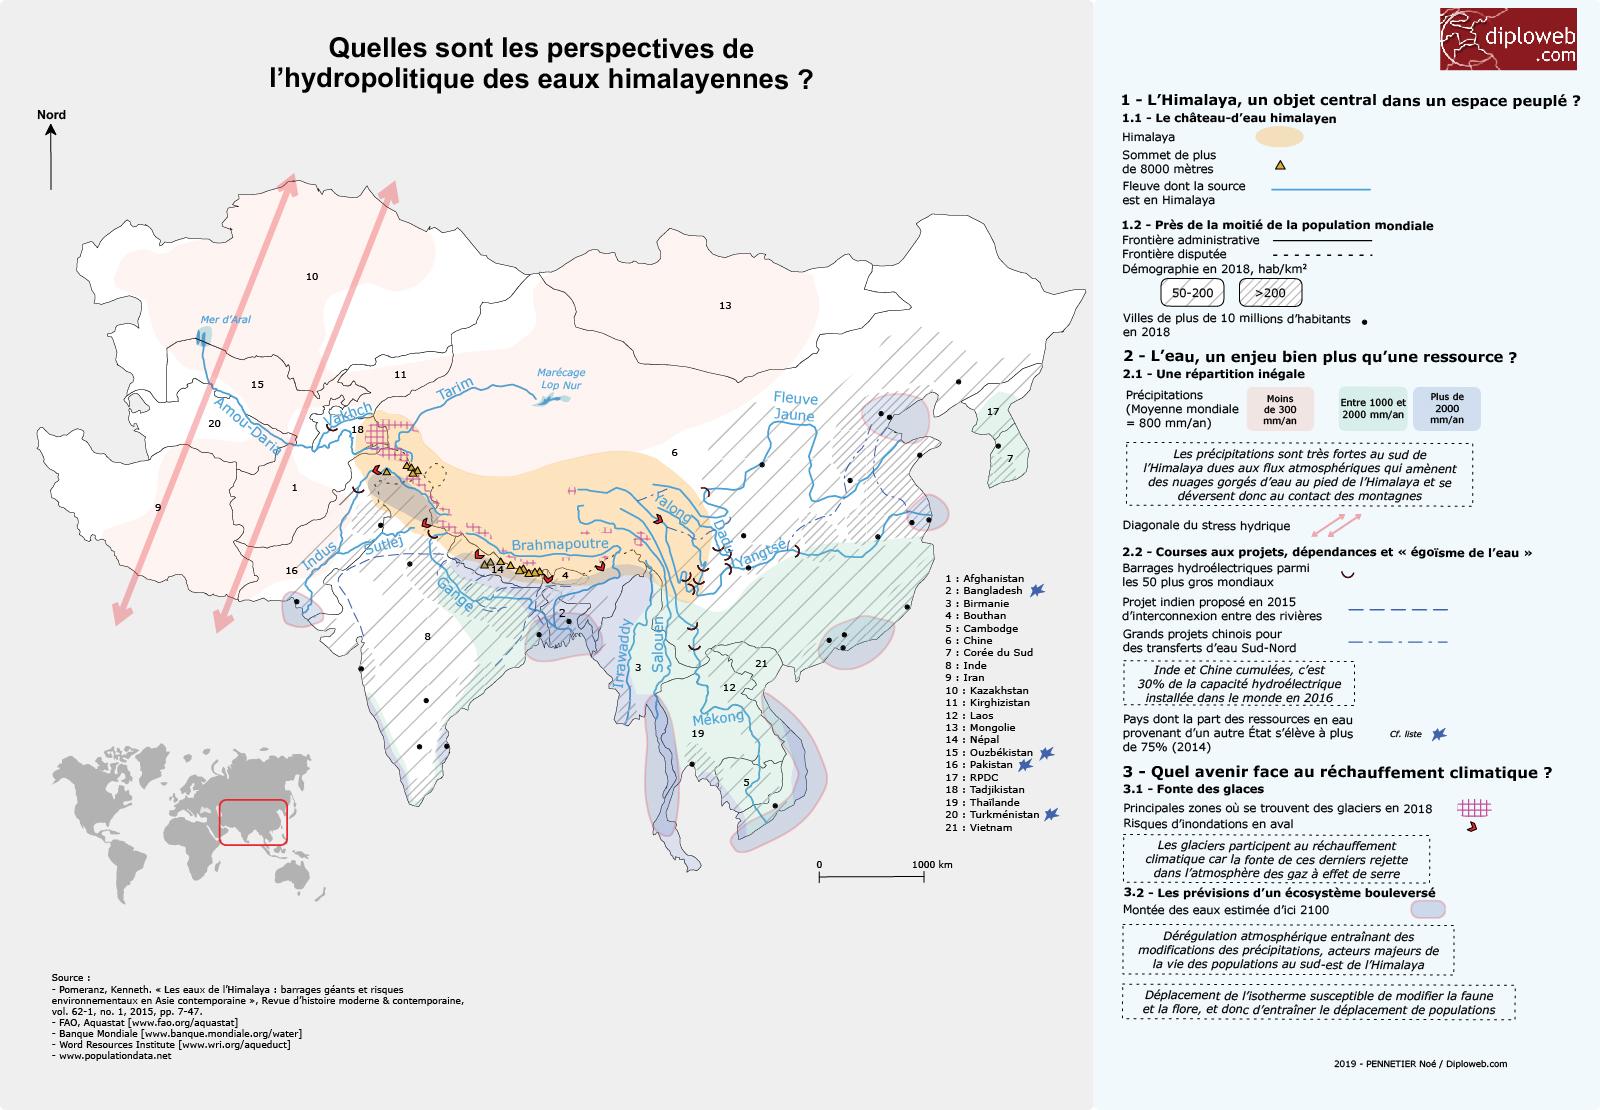 Carte Thailande Climat.Carte Quelles Sont Les Perspectives De L Hydropolitique Des Eaux